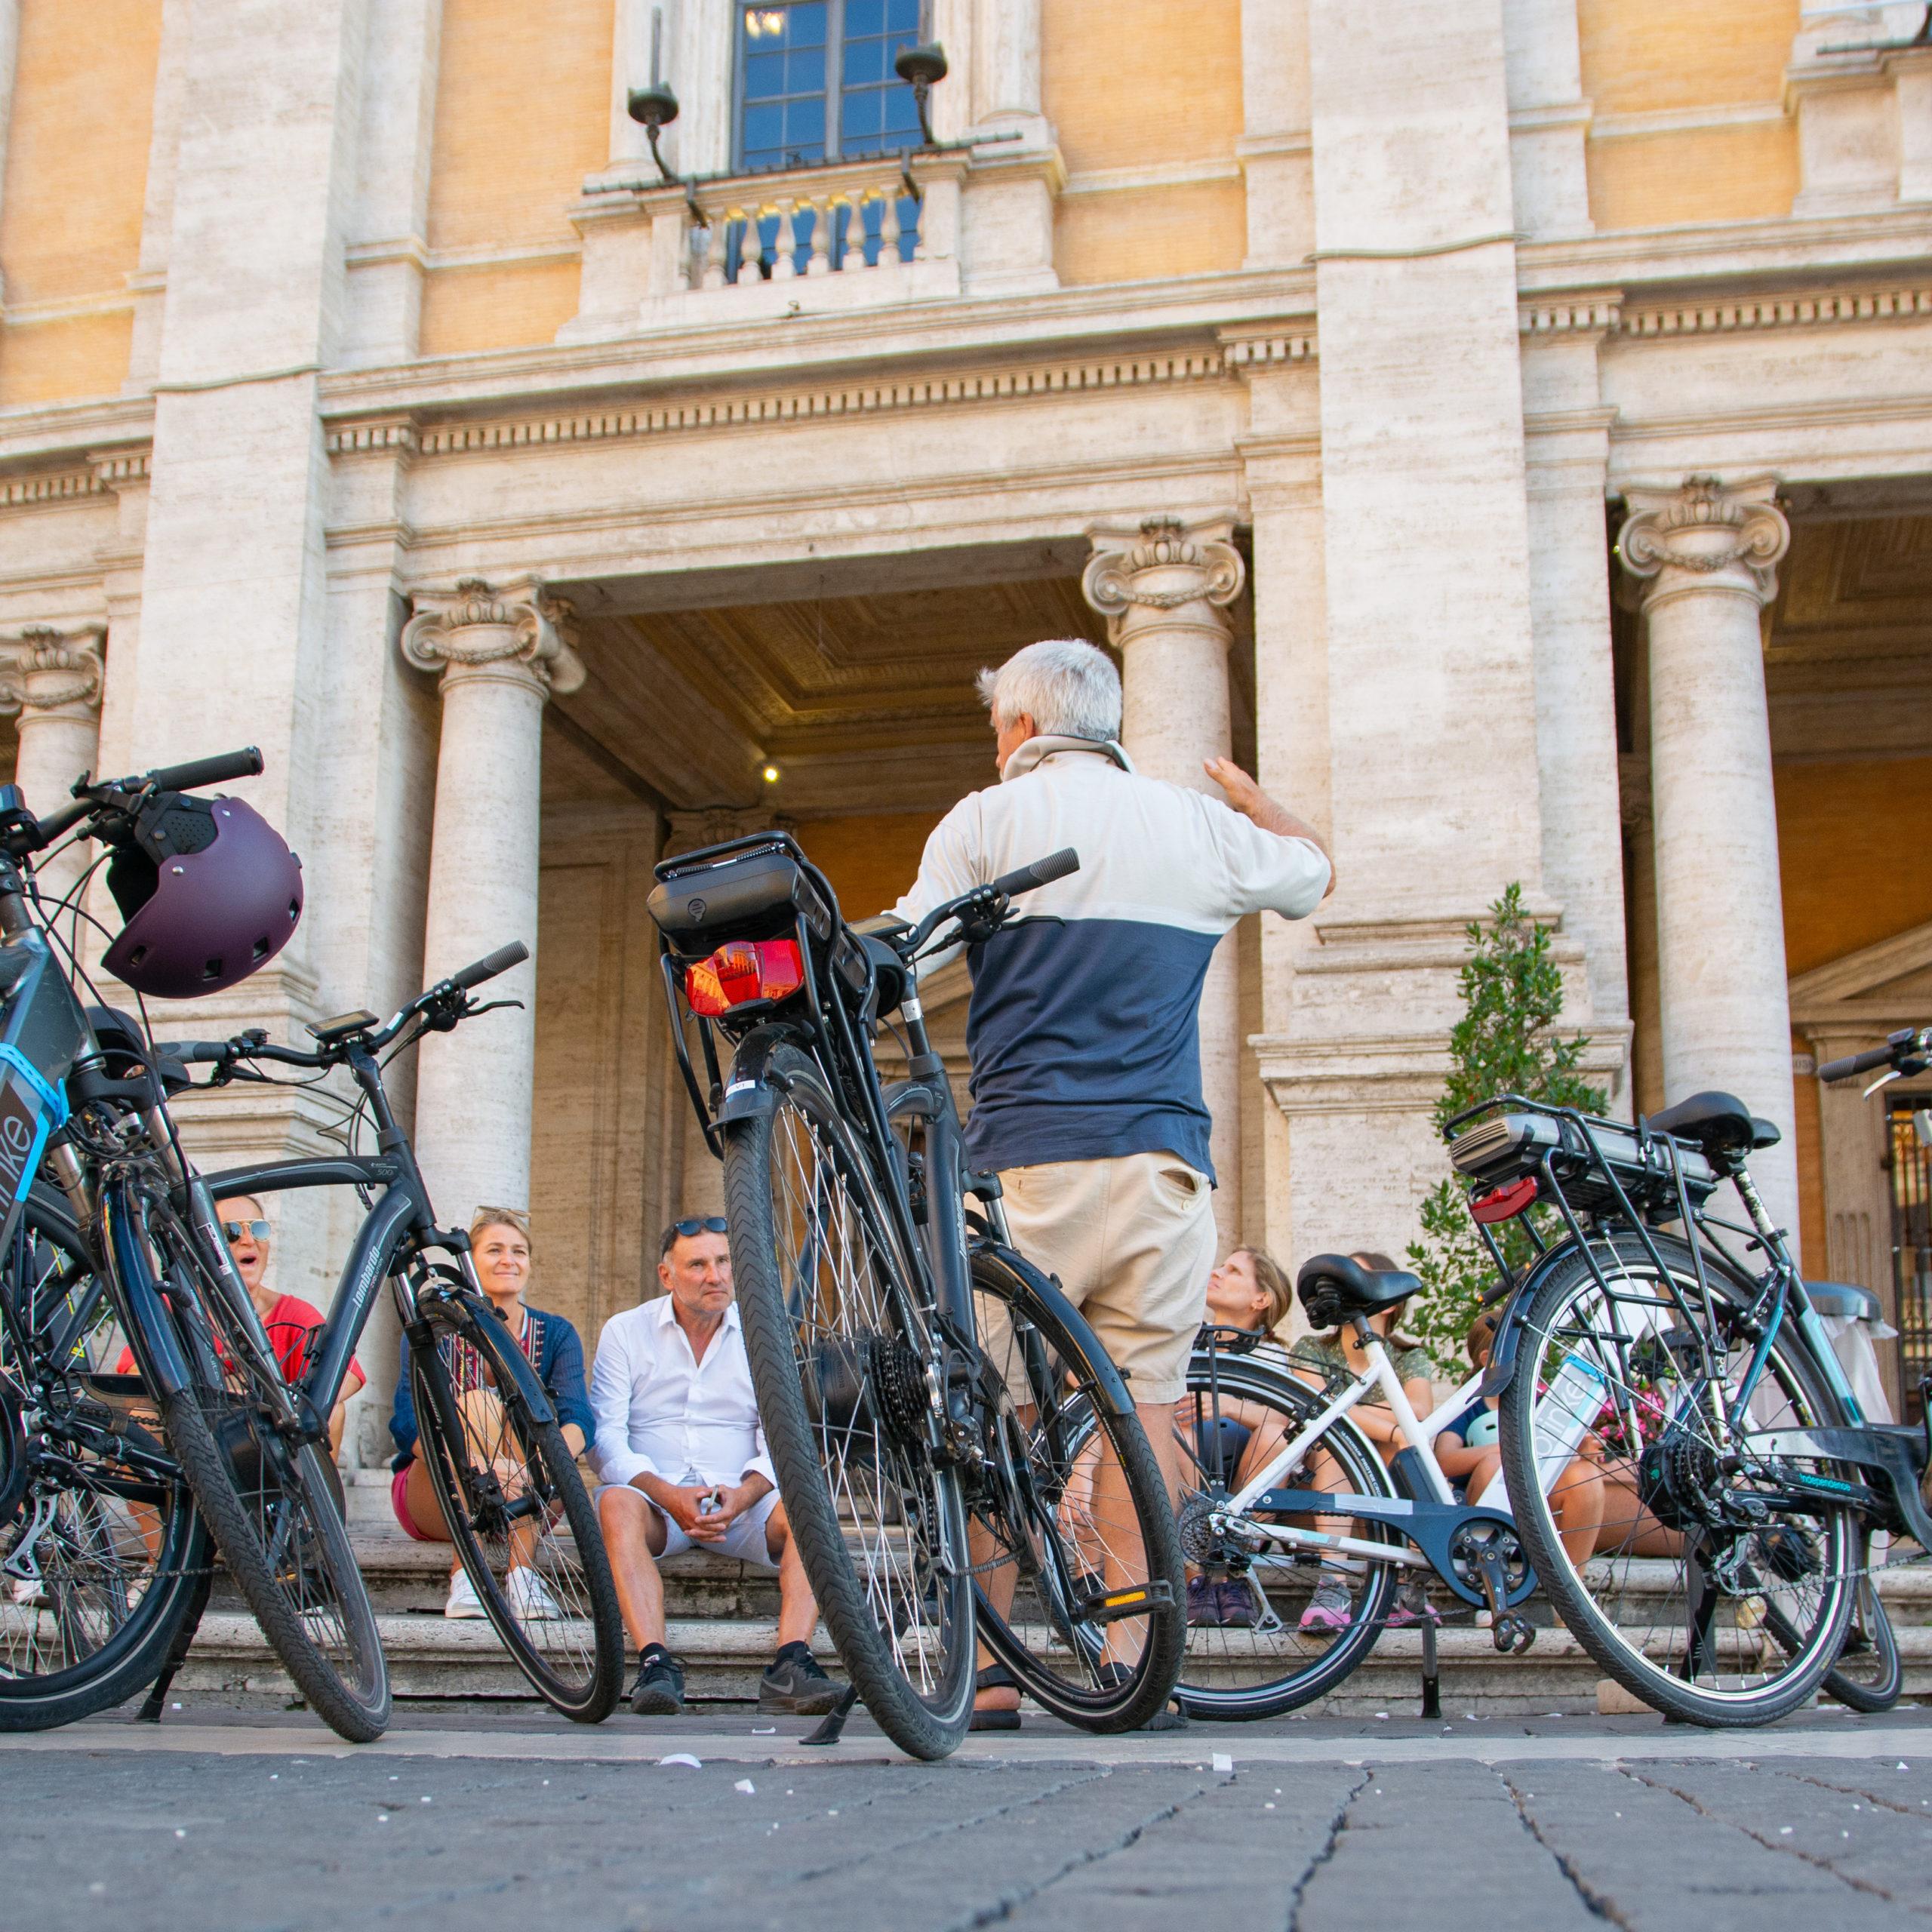 Tour en vélo et découverte de l'histoire de Rome